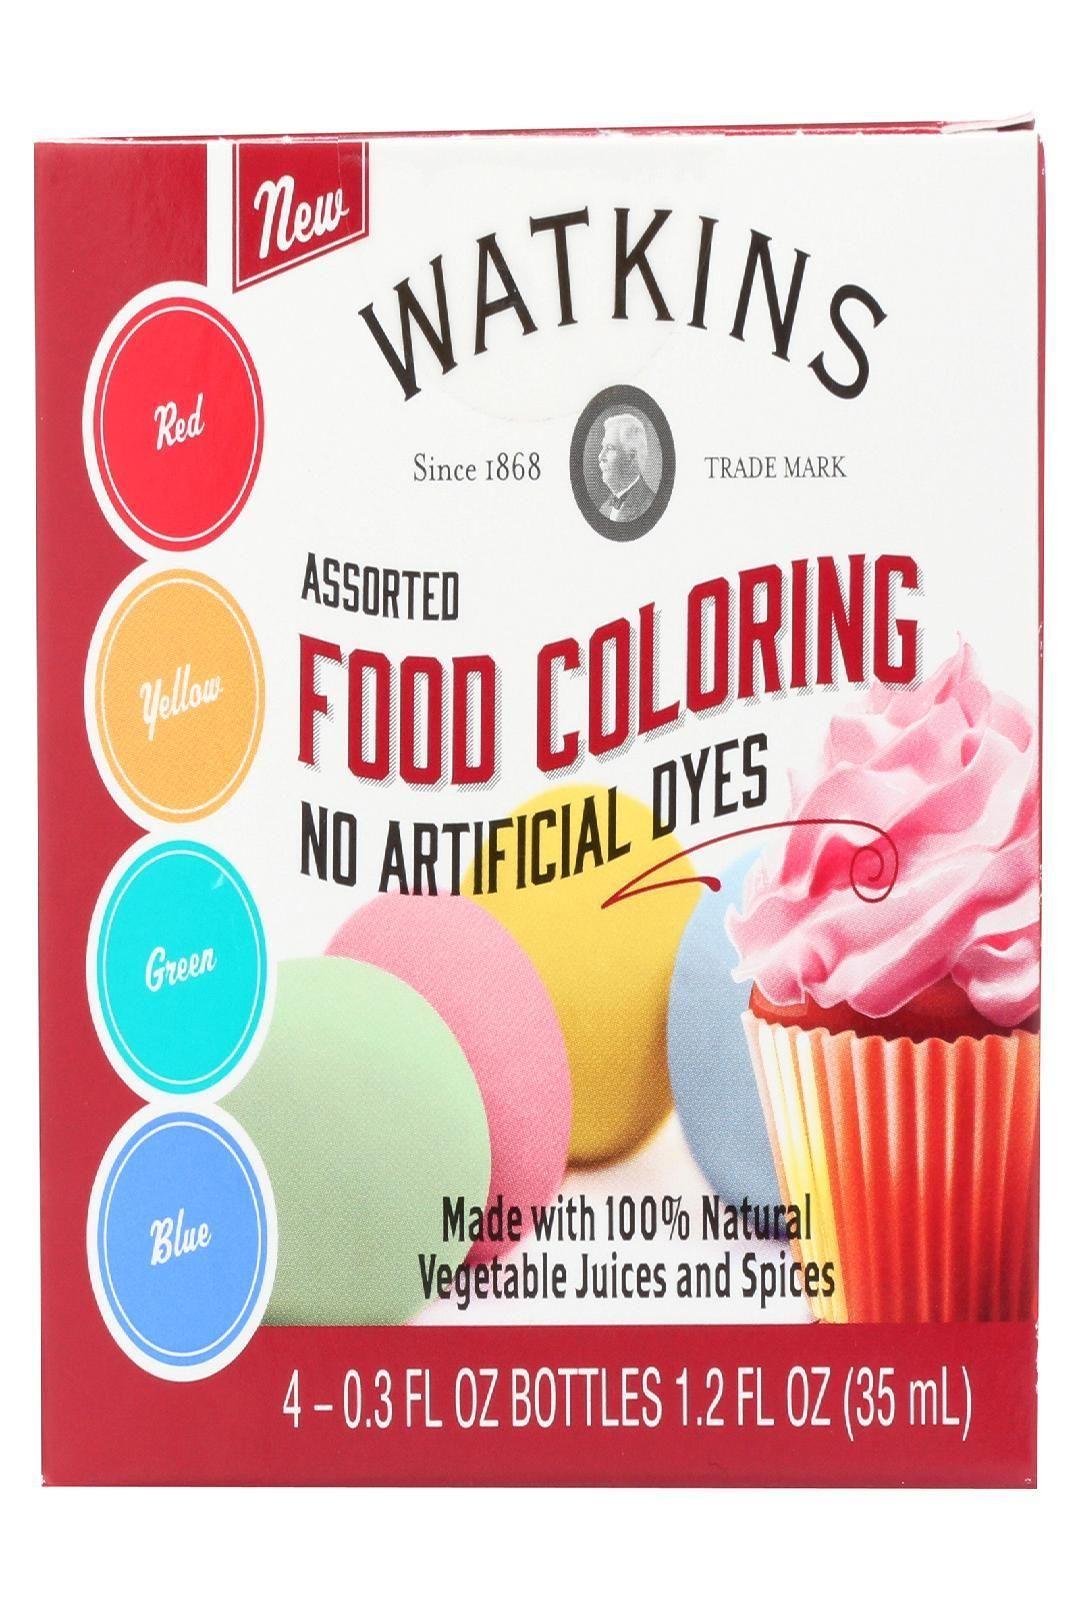 J R Watkins Food Coloring